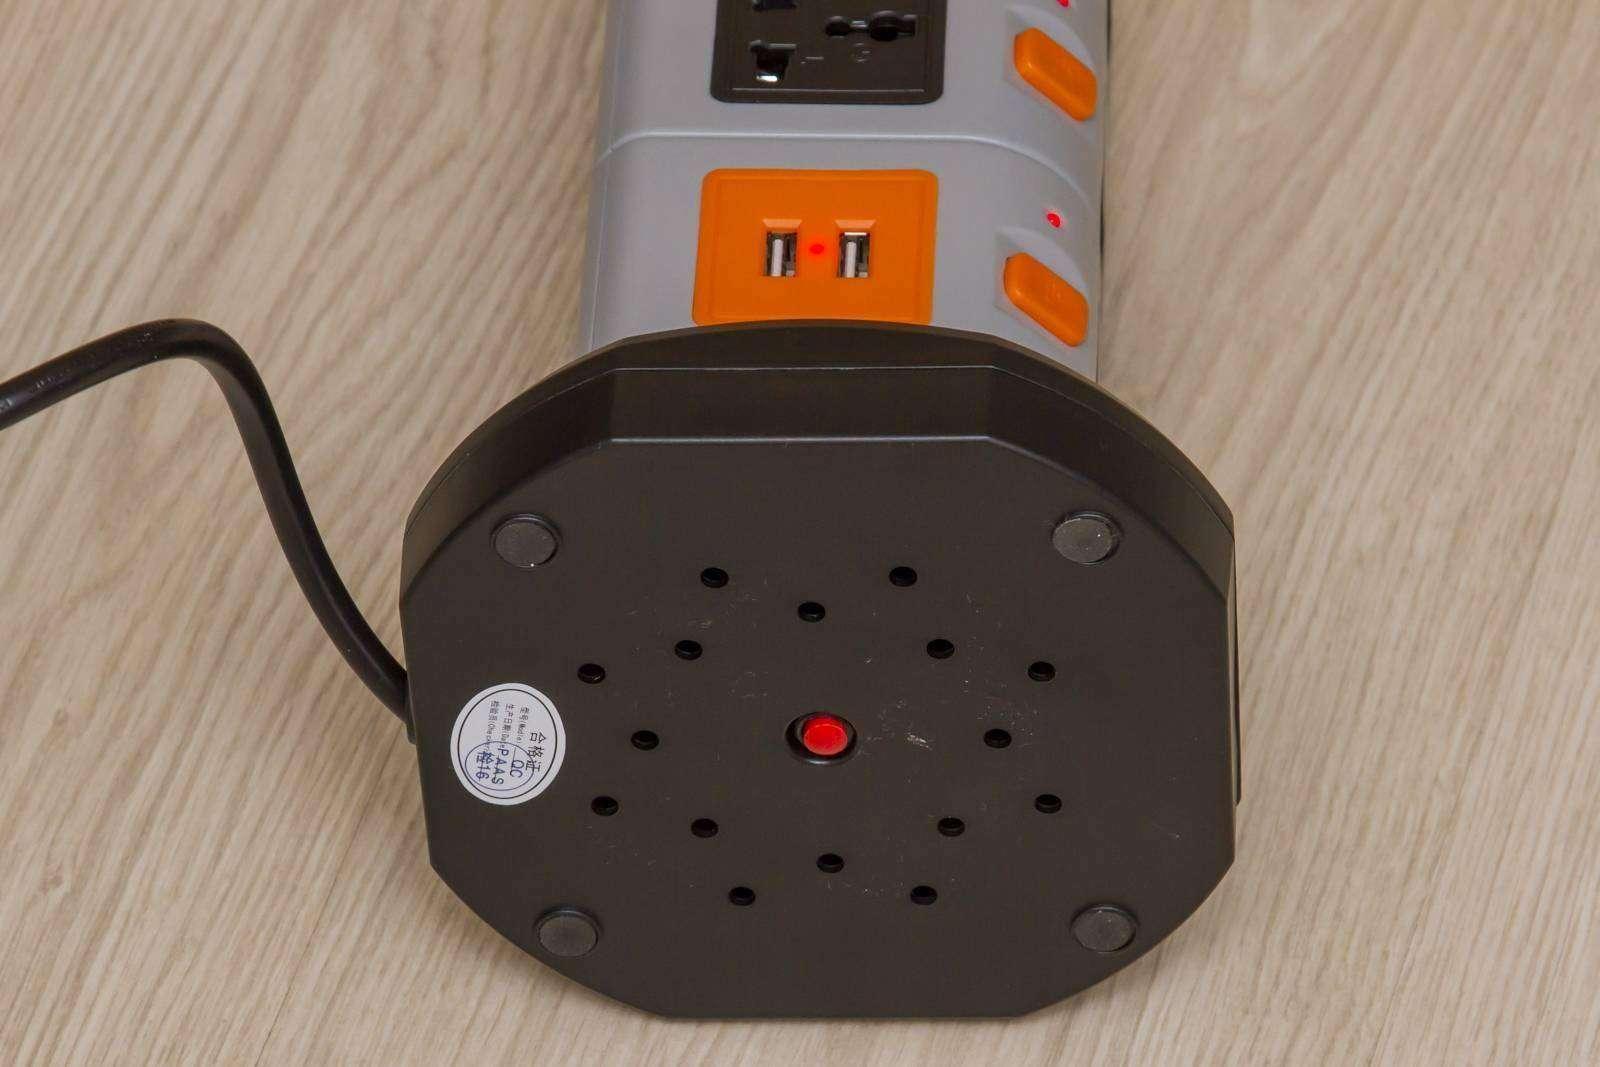 GearBest: Удлинитель на 11 универсальных розеток и 2 USB